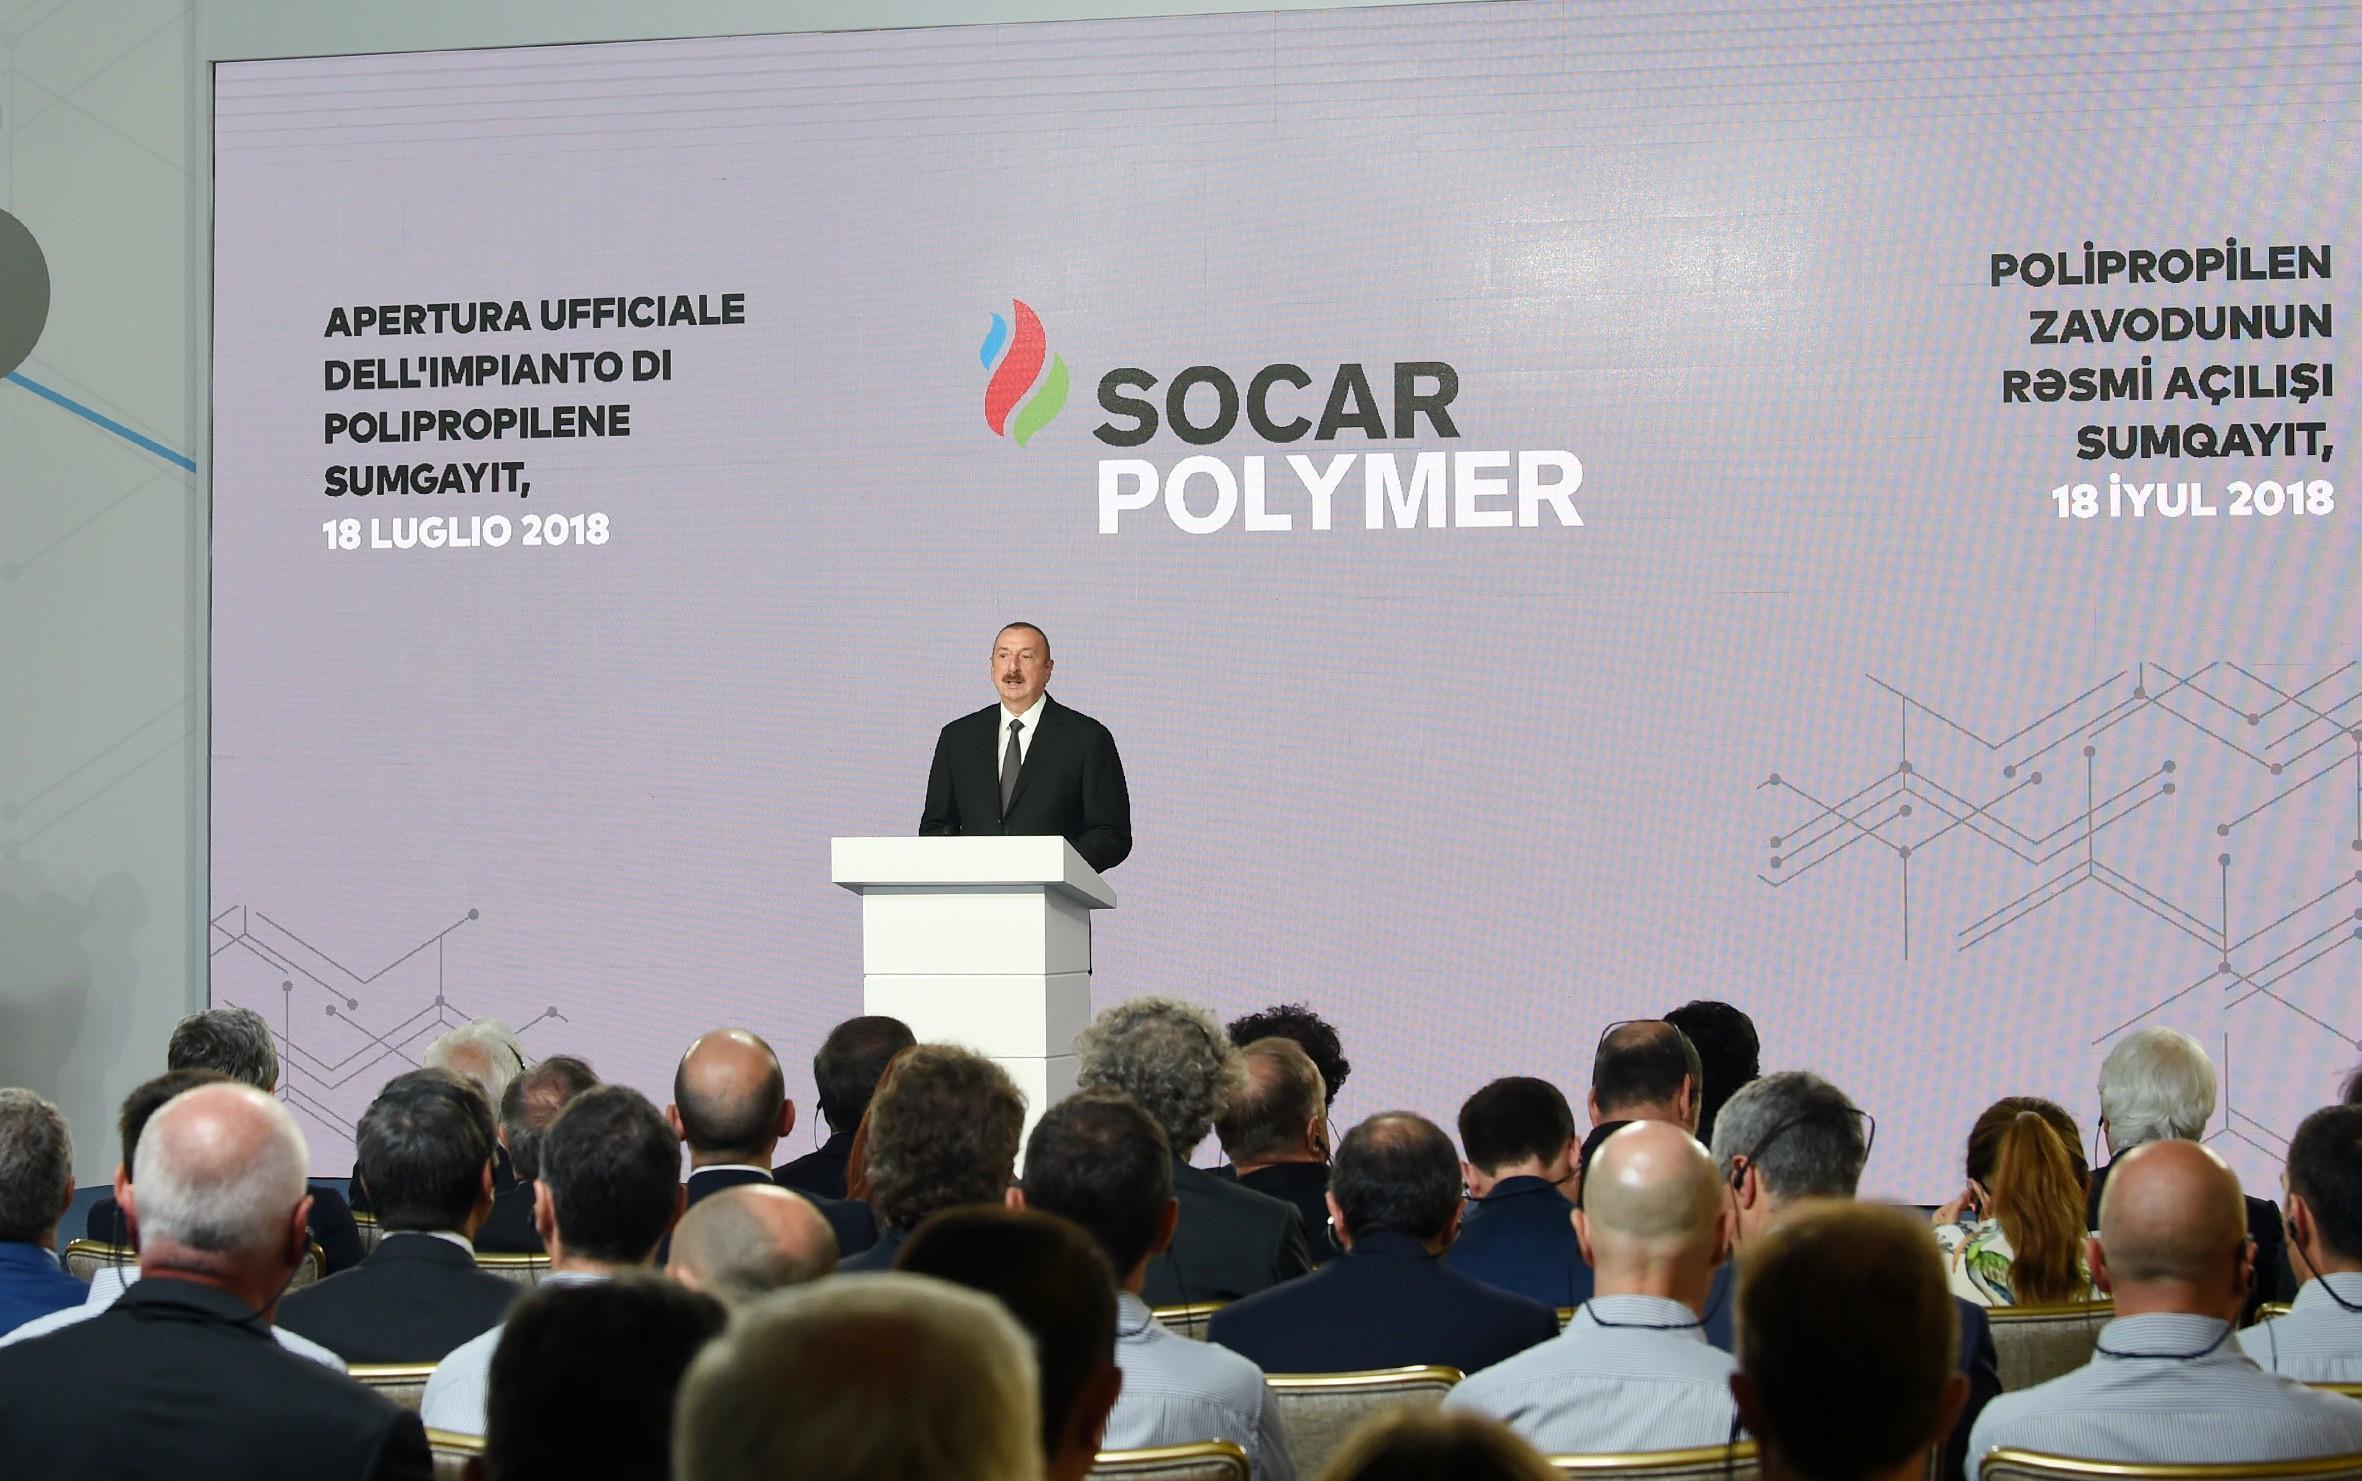 """Prezident: """"SOCAR Polymer"""" layihəsi çərçivəsində inşa edilən Polipropilen Zavodunda 500-dən çox yeni iş yeri yaradılacaq"""""""